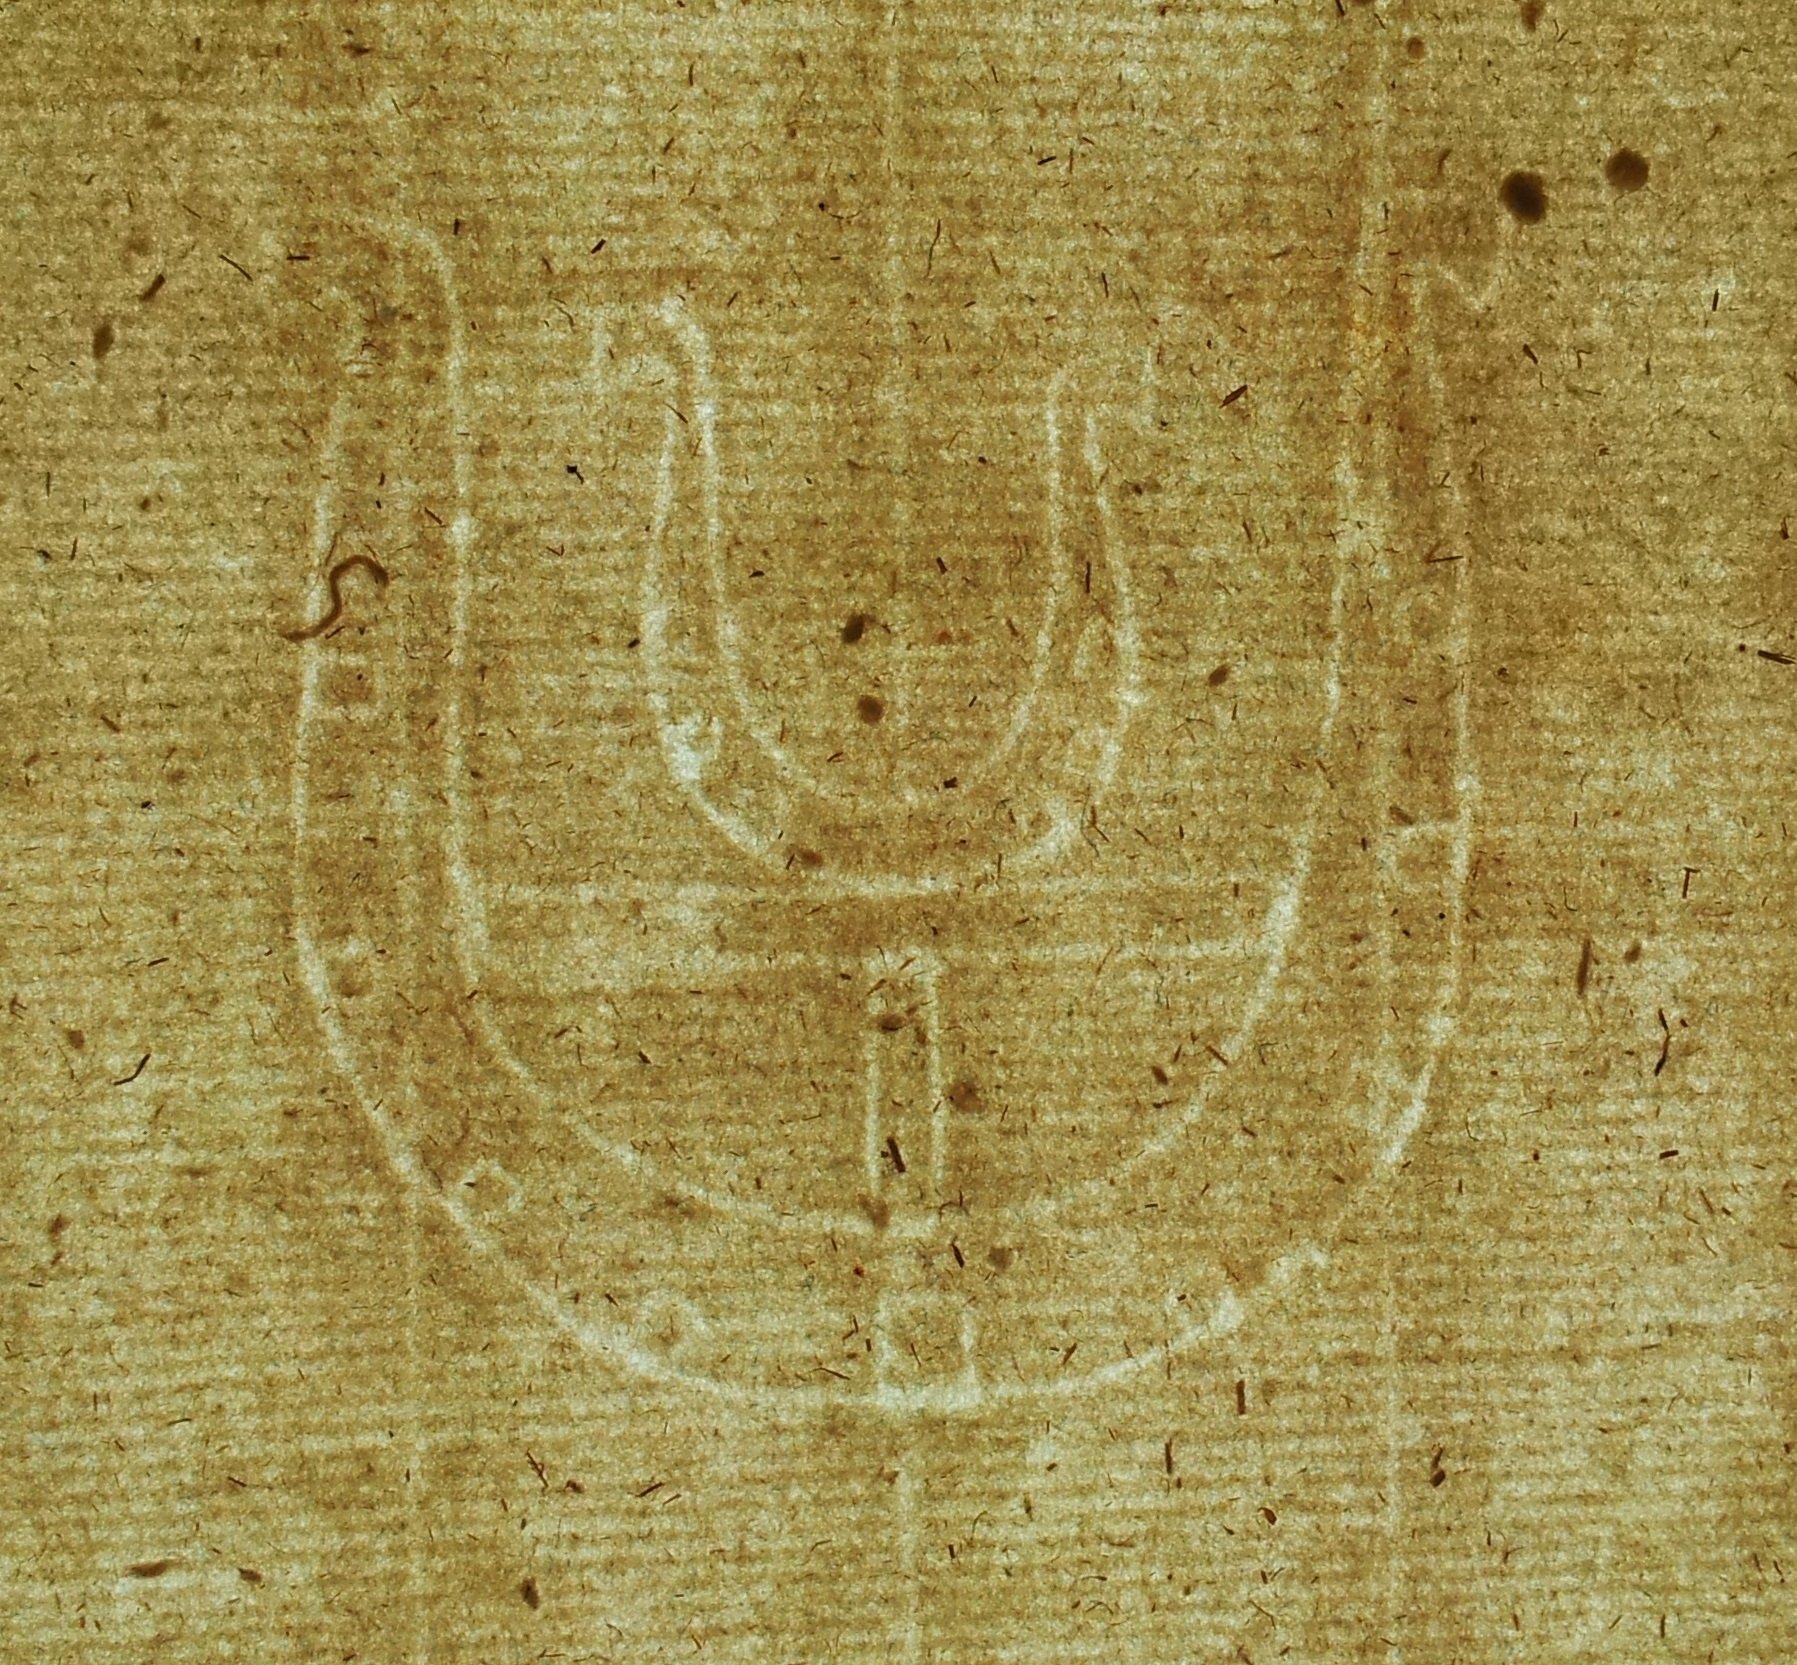 Papier XVIII wiek 2 podkowy Leszno Podkowa 148